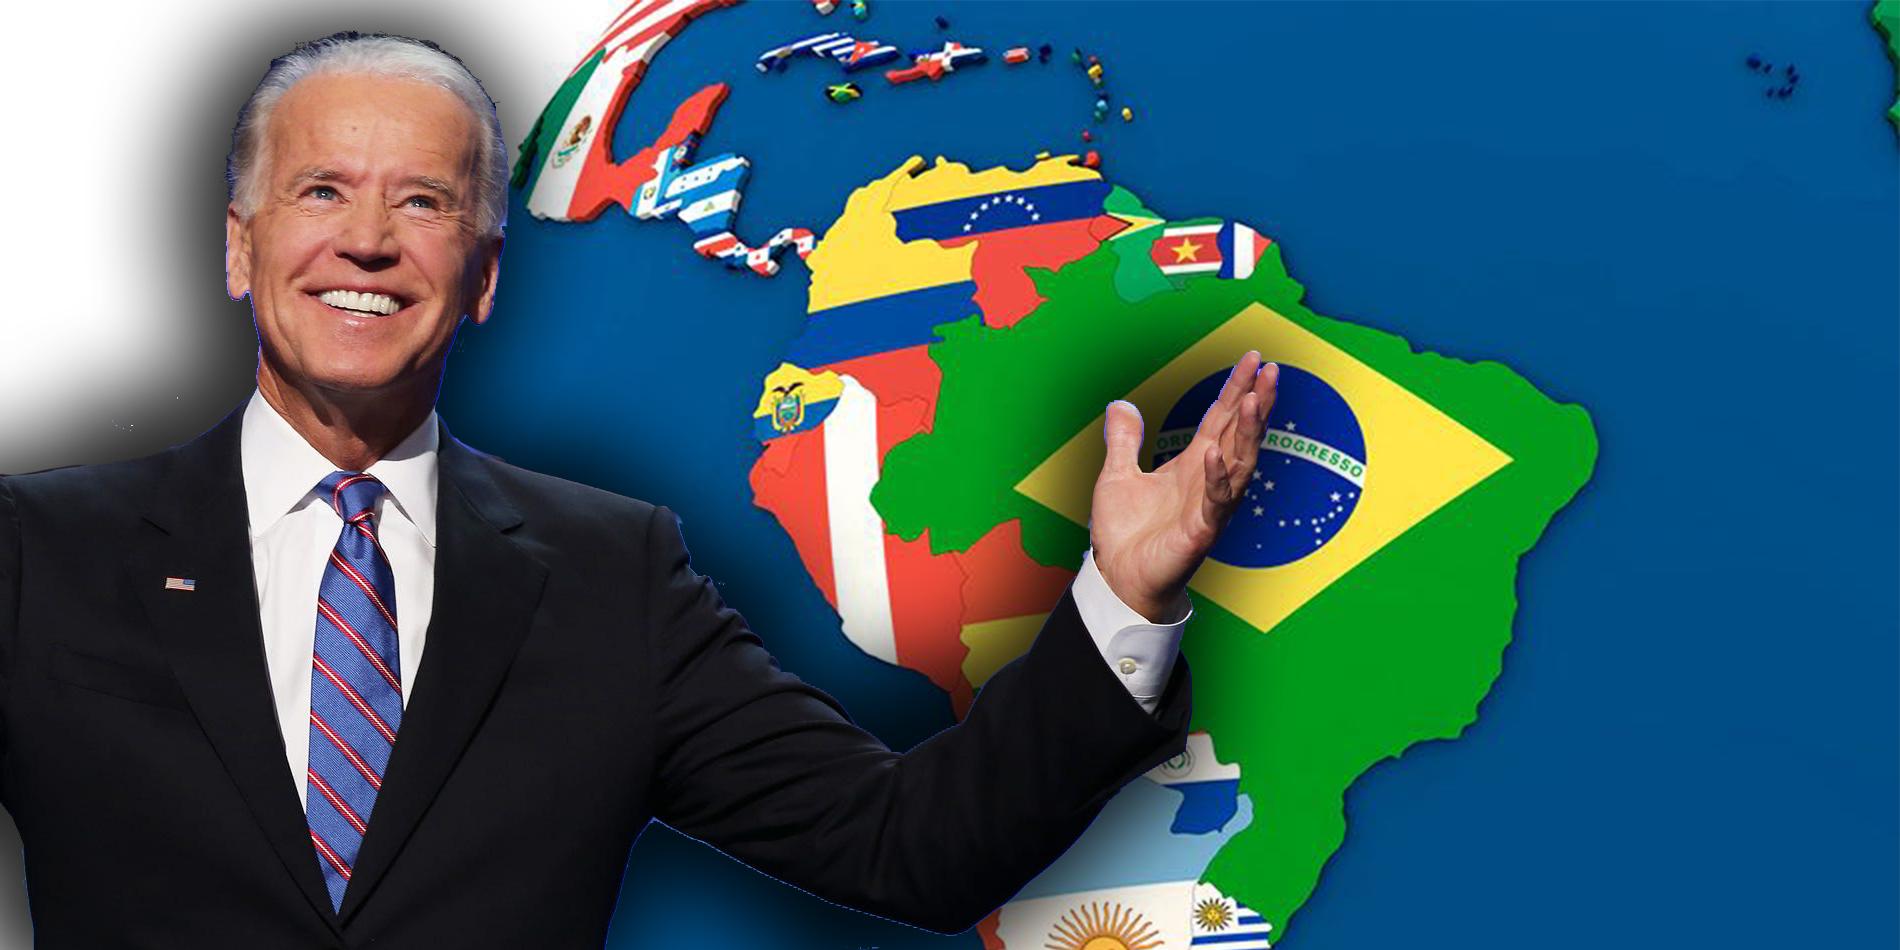 Biden responde a 10 preguntas sobre Latinoamérica - IQ Latino